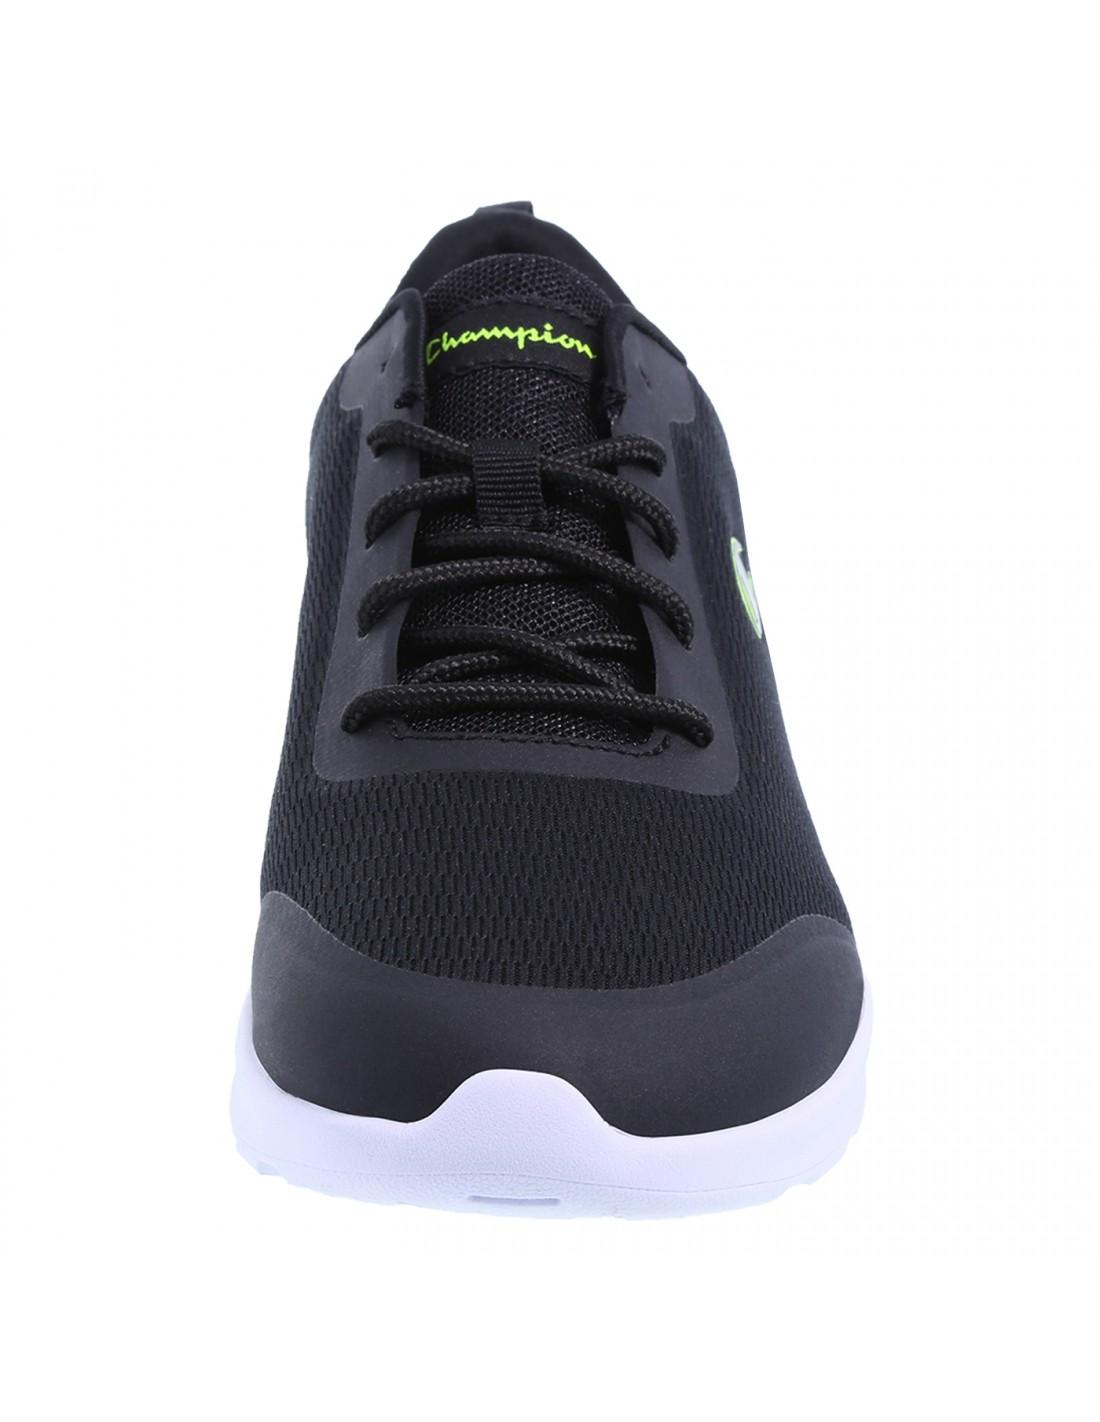 5b1b3b5357a5 Women s Reign Runner shoes - Black. Next